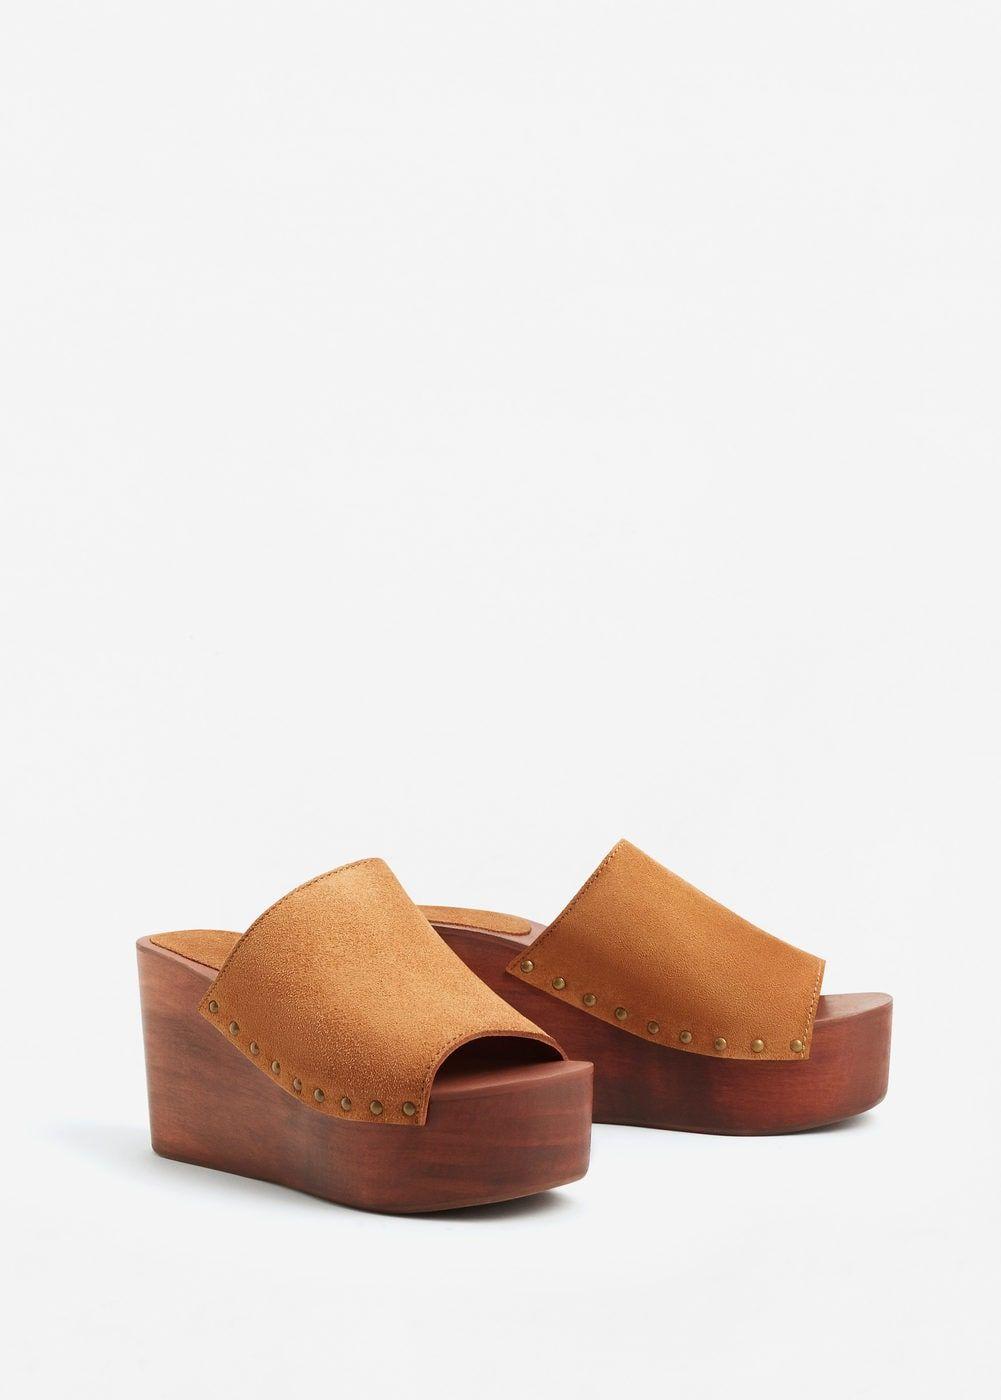 2019Nosinmistacones Cuña En Madera Zapatos Piel Mujer 3Tlu1FKJc